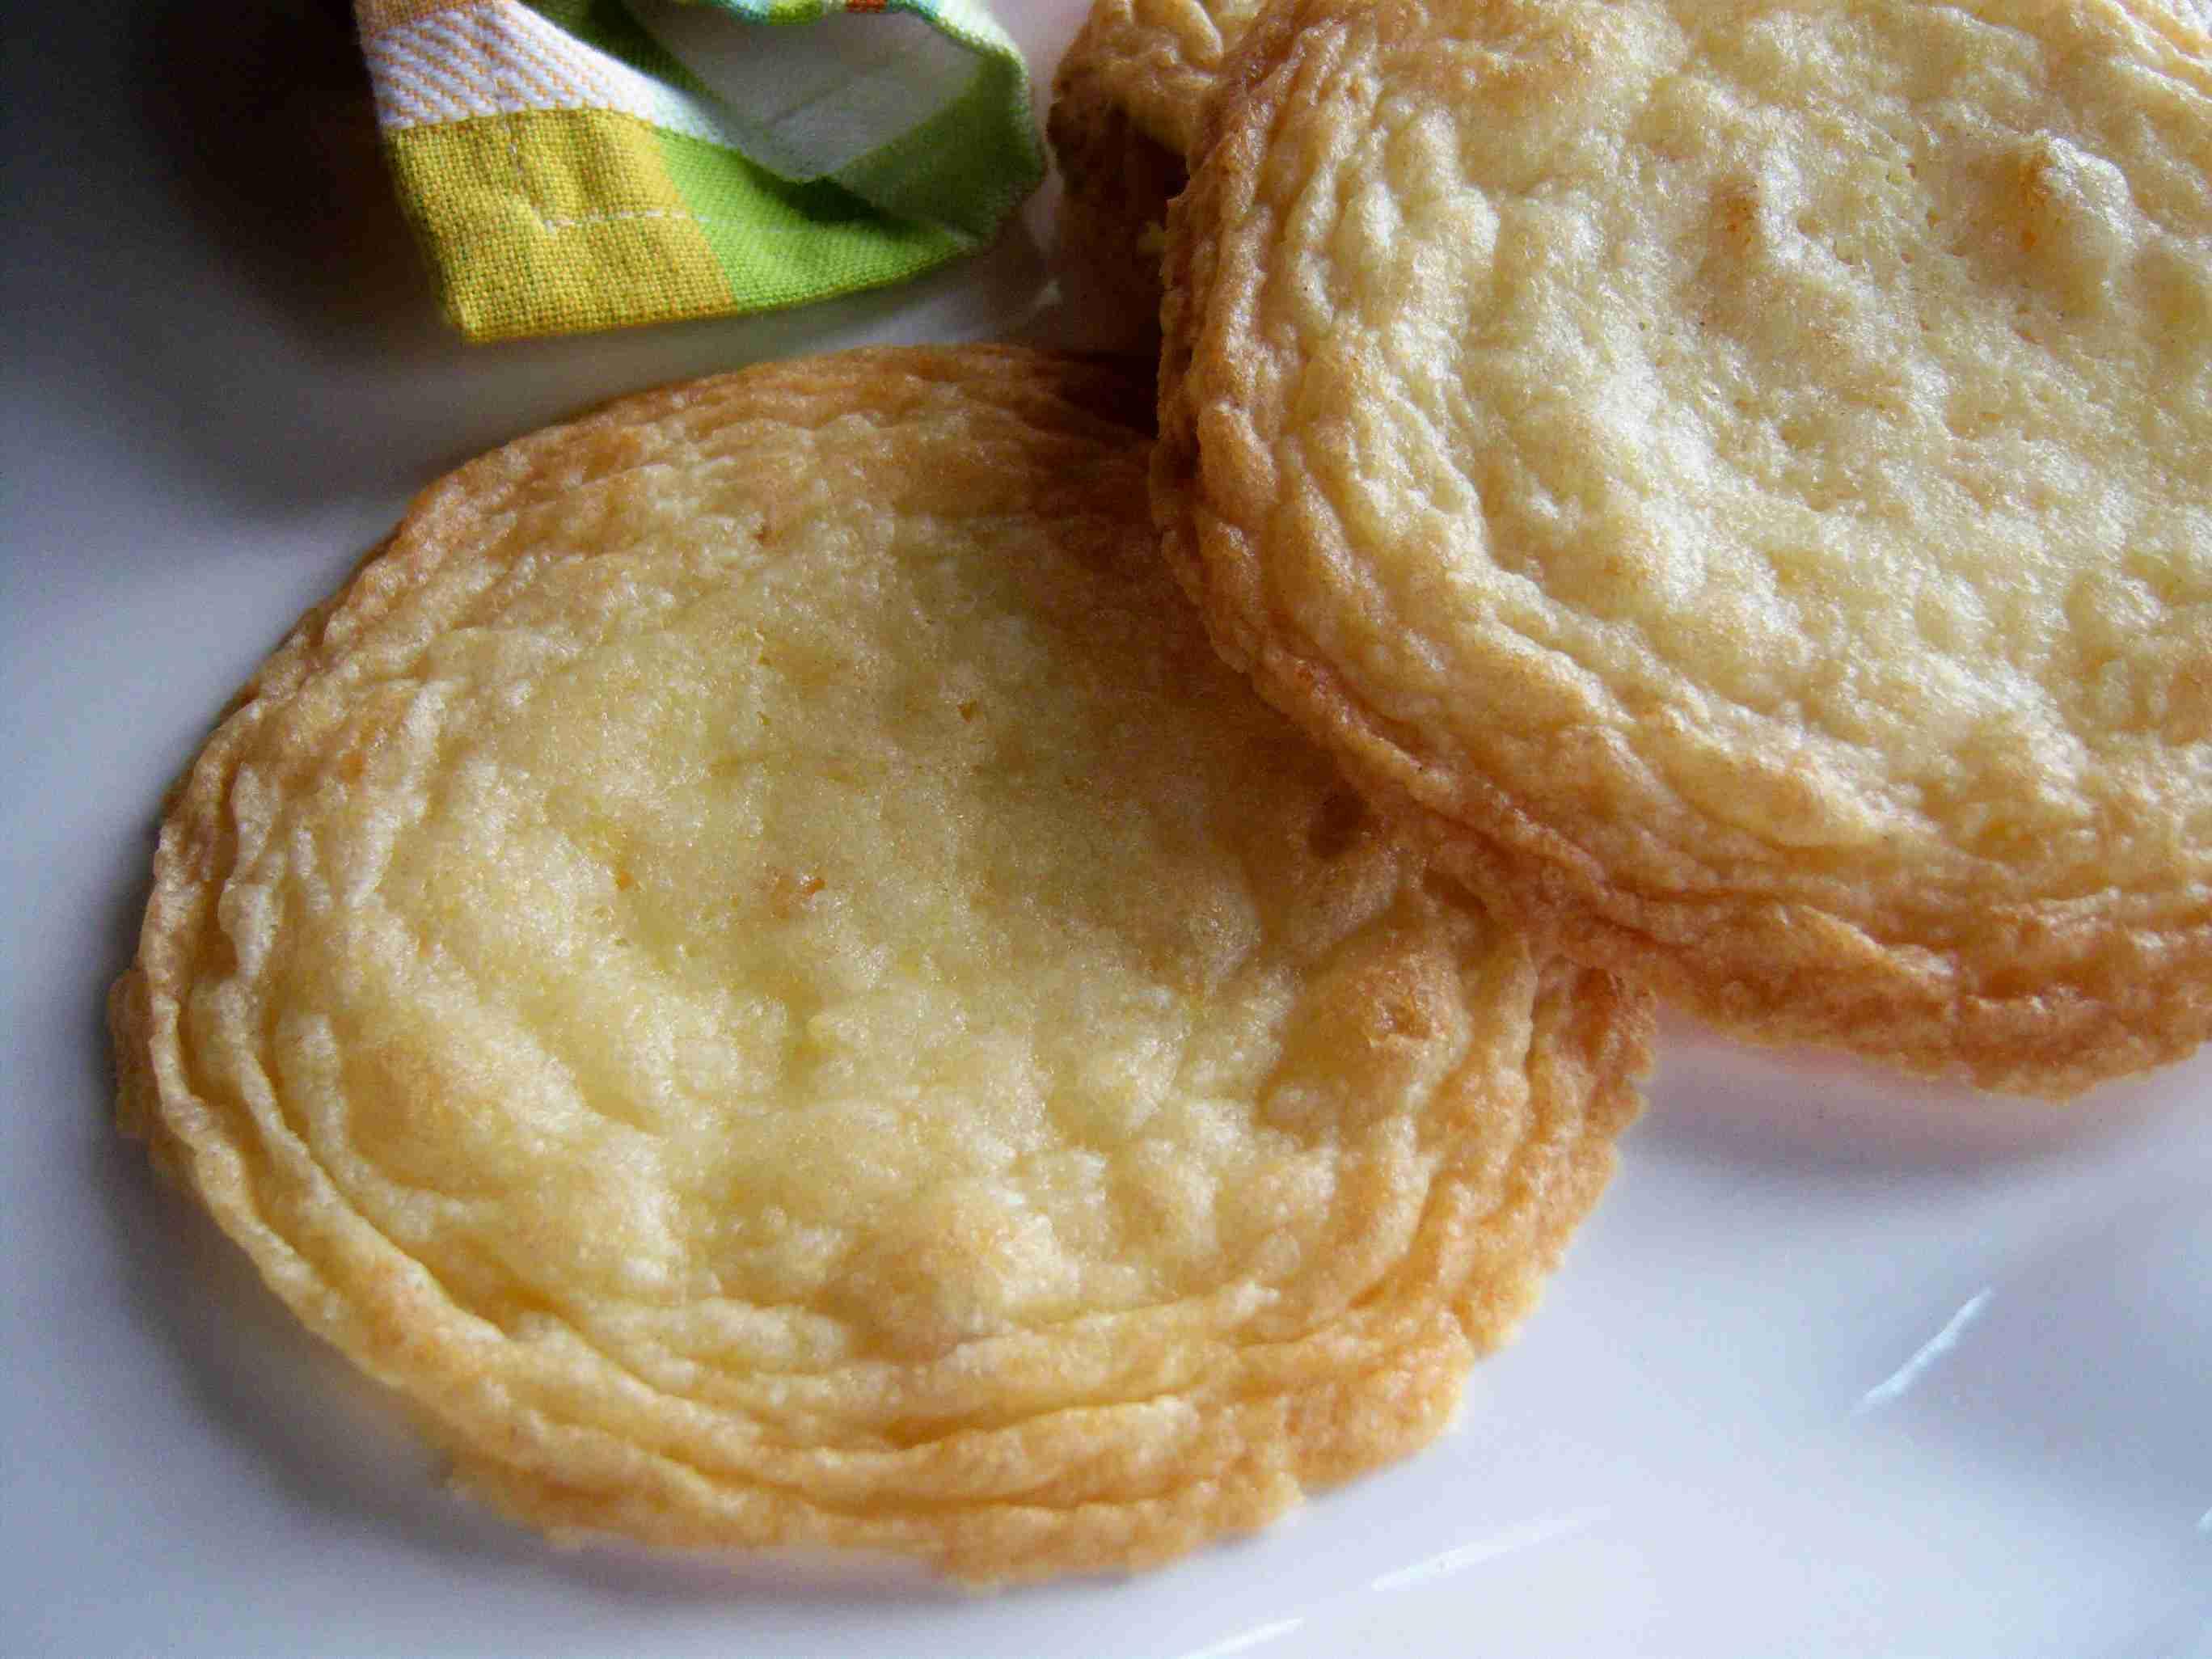 Gluten-free giant lemon ginger crisp cookies